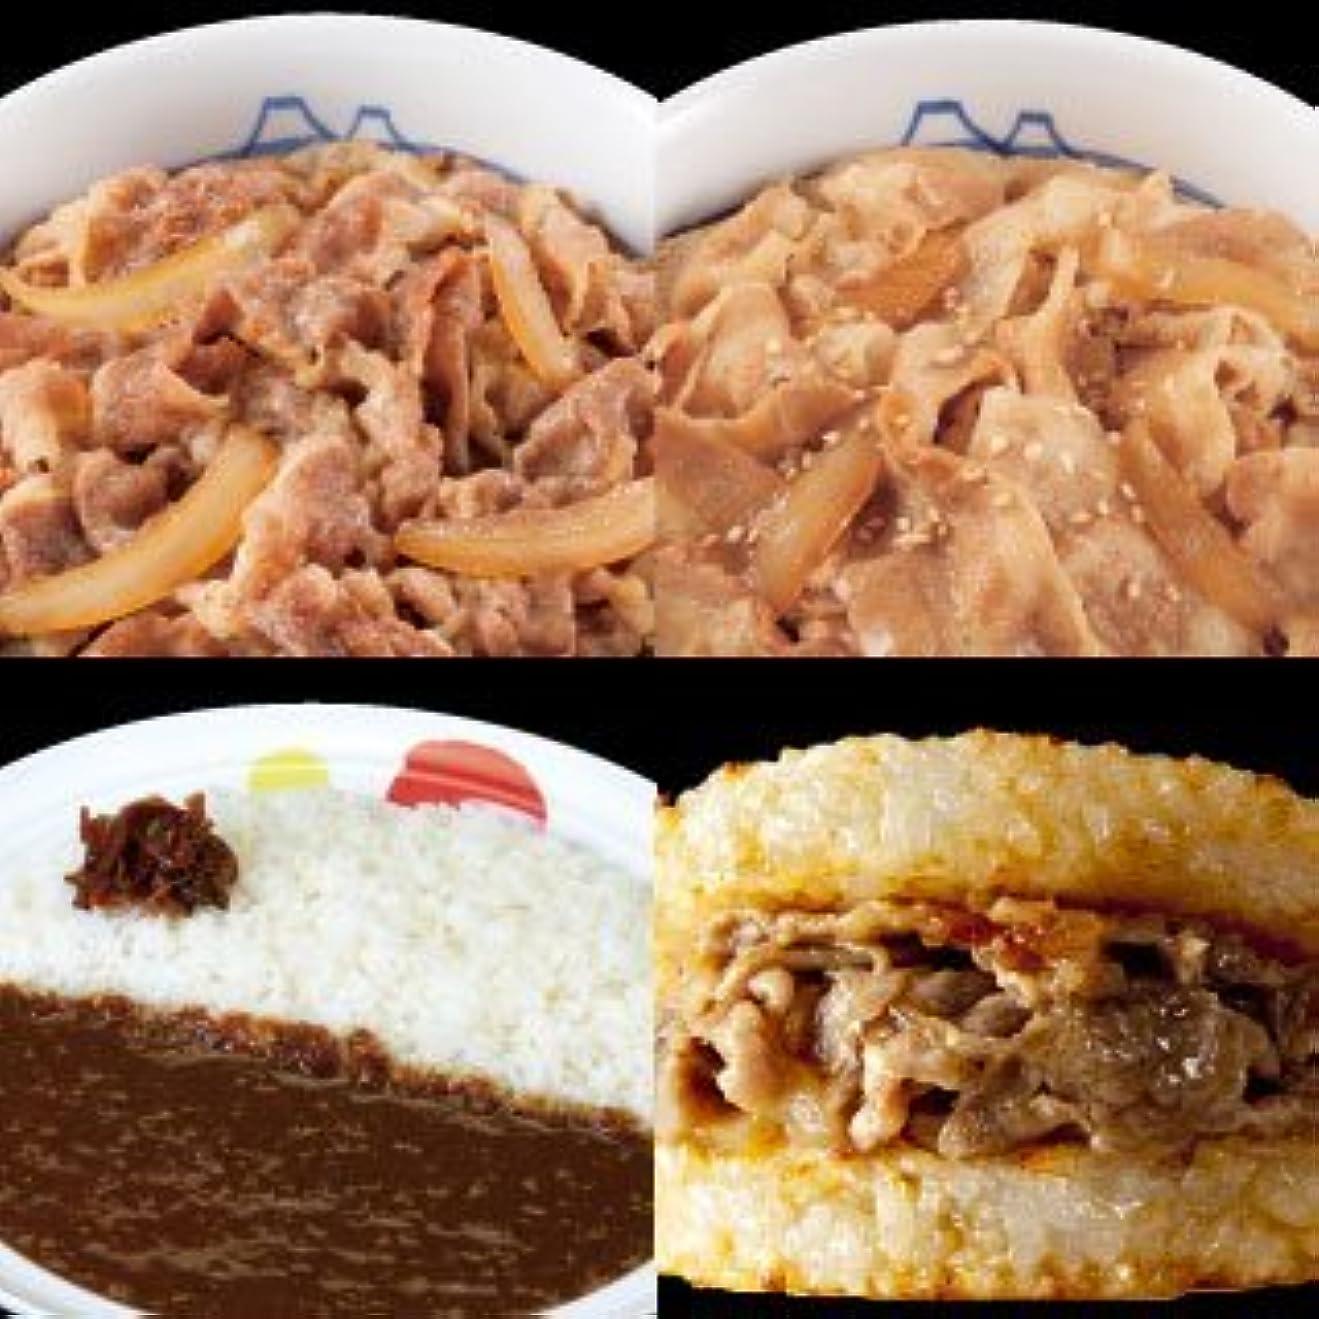 微視的エレクトロニック砂利バラエティセット(10食)(牛めし,豚めし,オリジナルカレー,牛めしバーガー) 【冷凍】